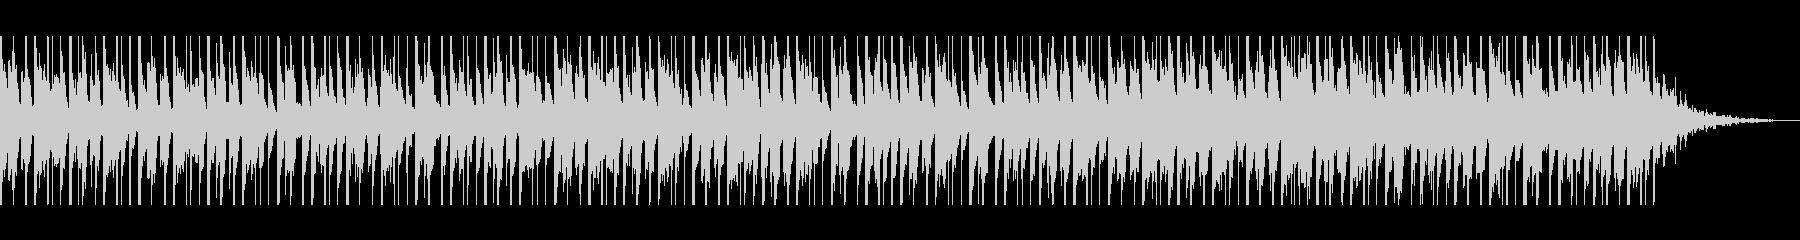 アラビア語(60秒)の未再生の波形